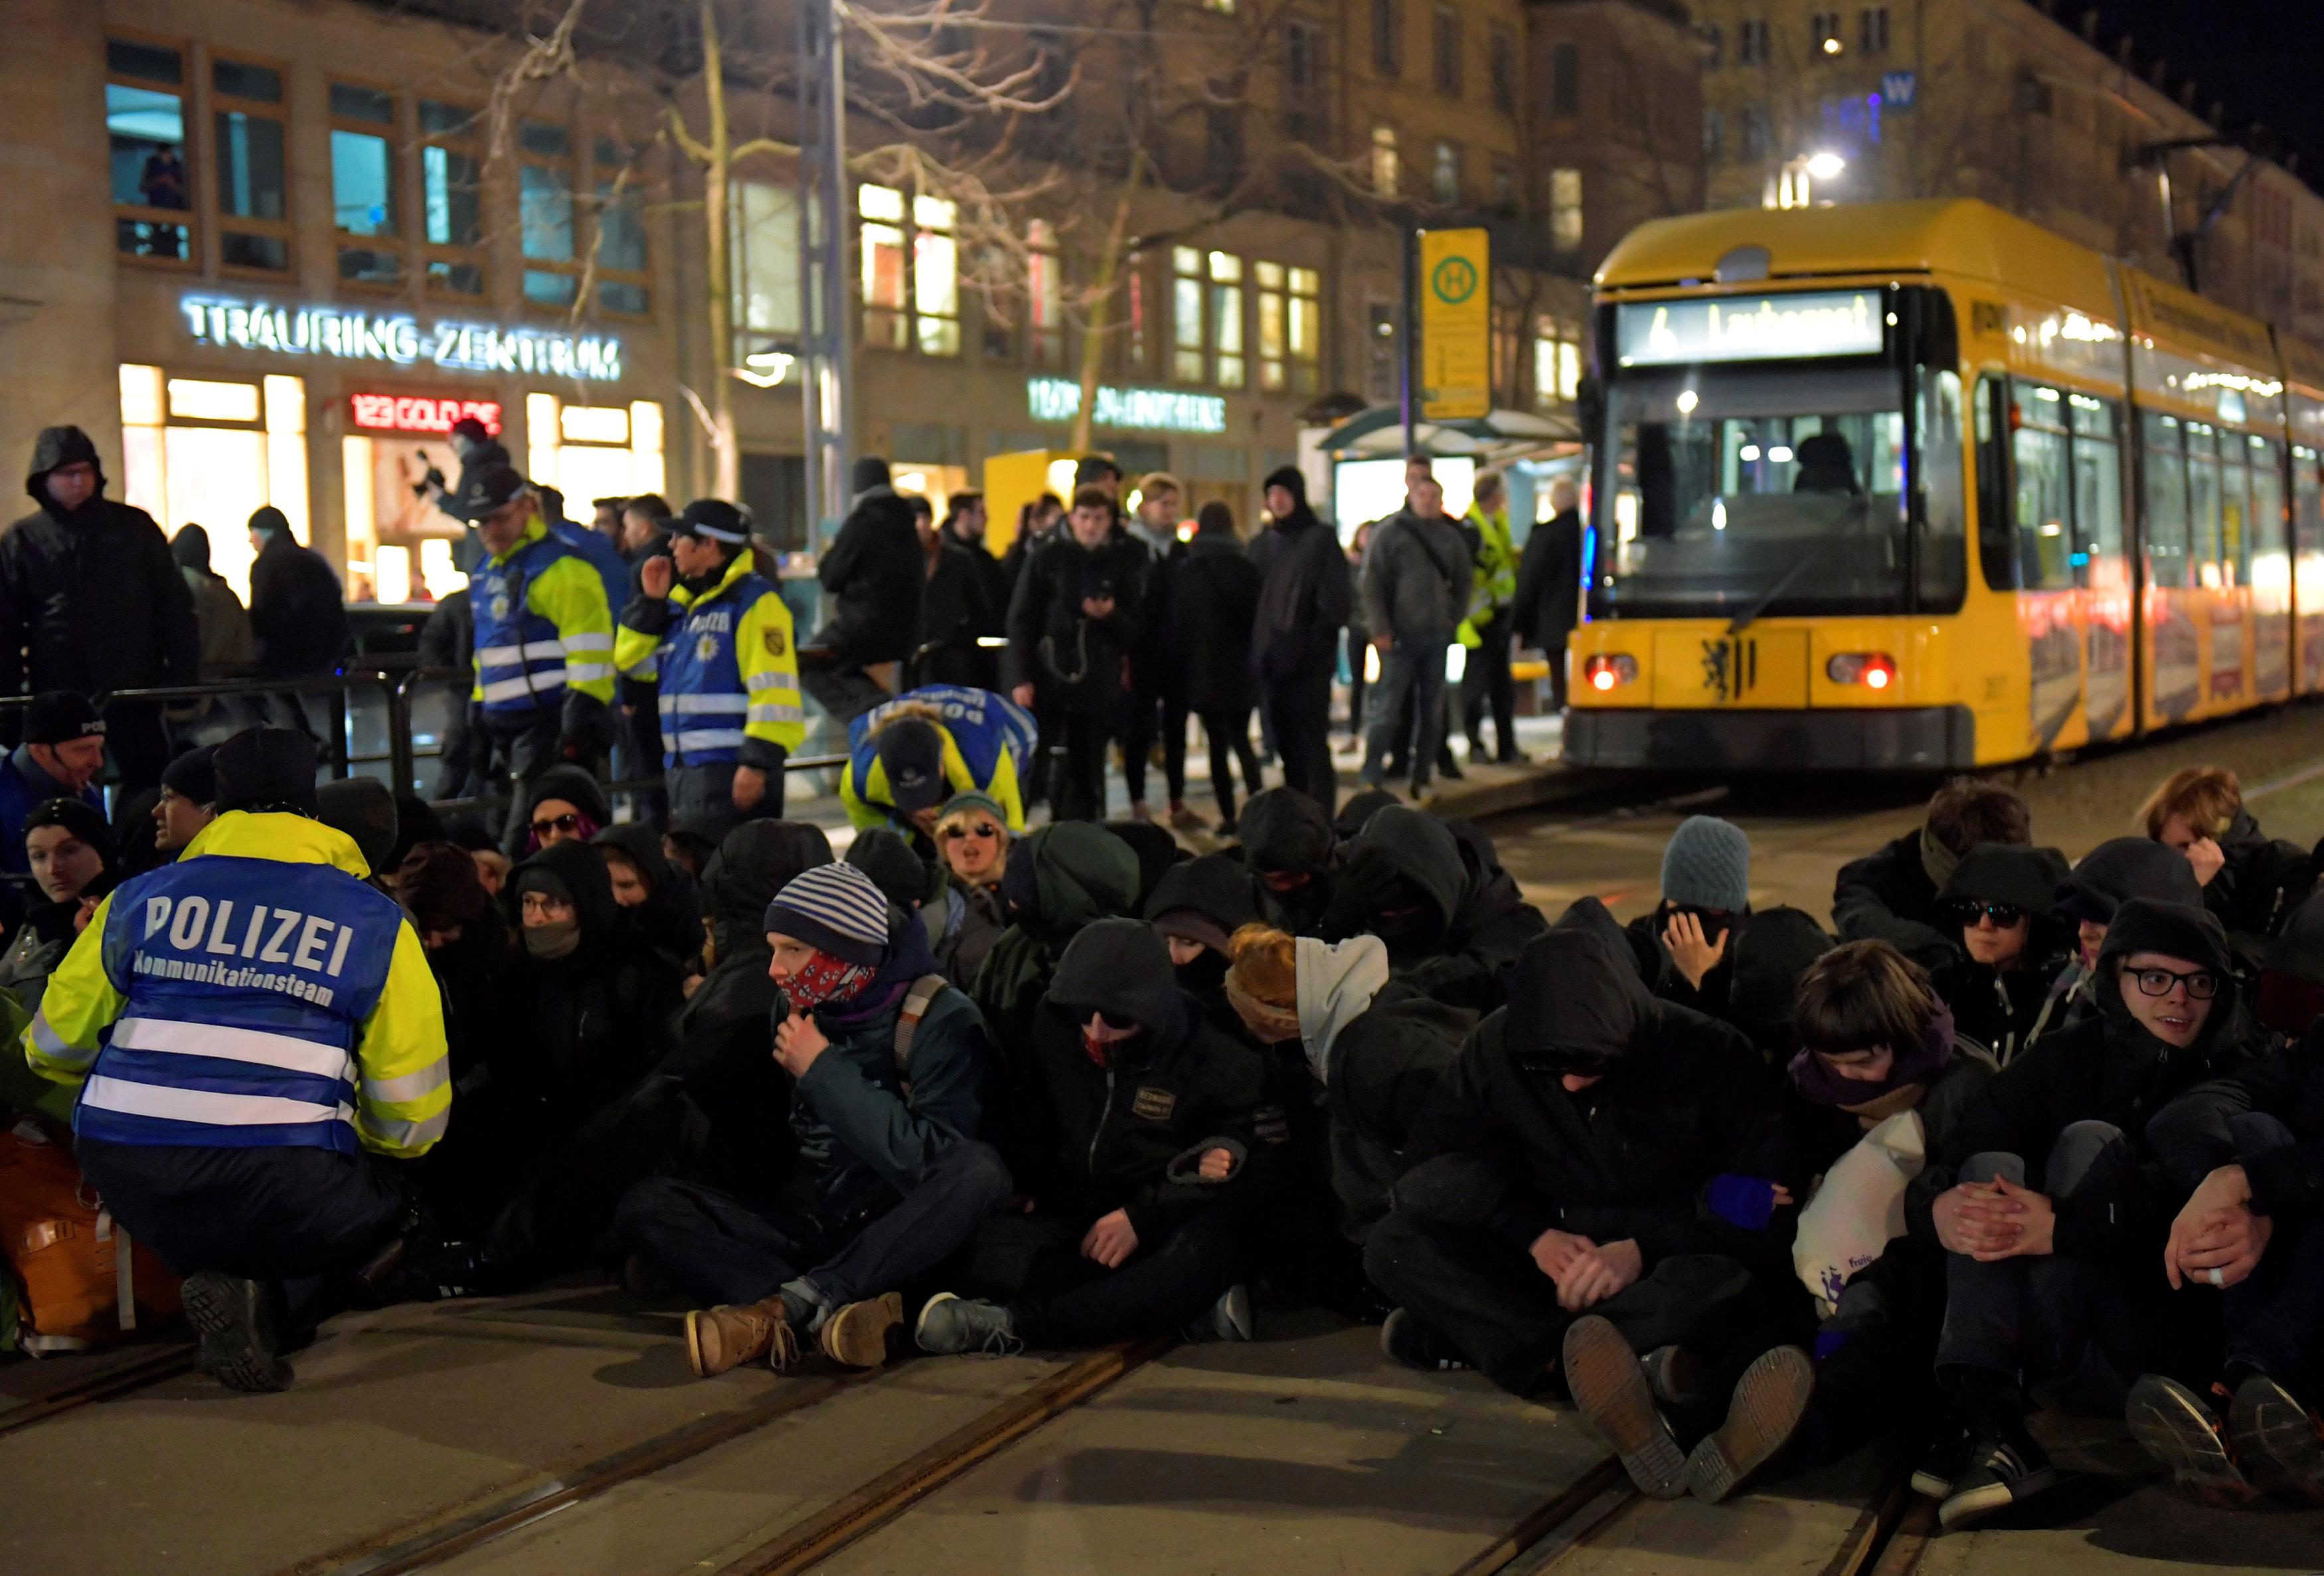 الشرطة الألمانية تعتقل المحتجين (6)